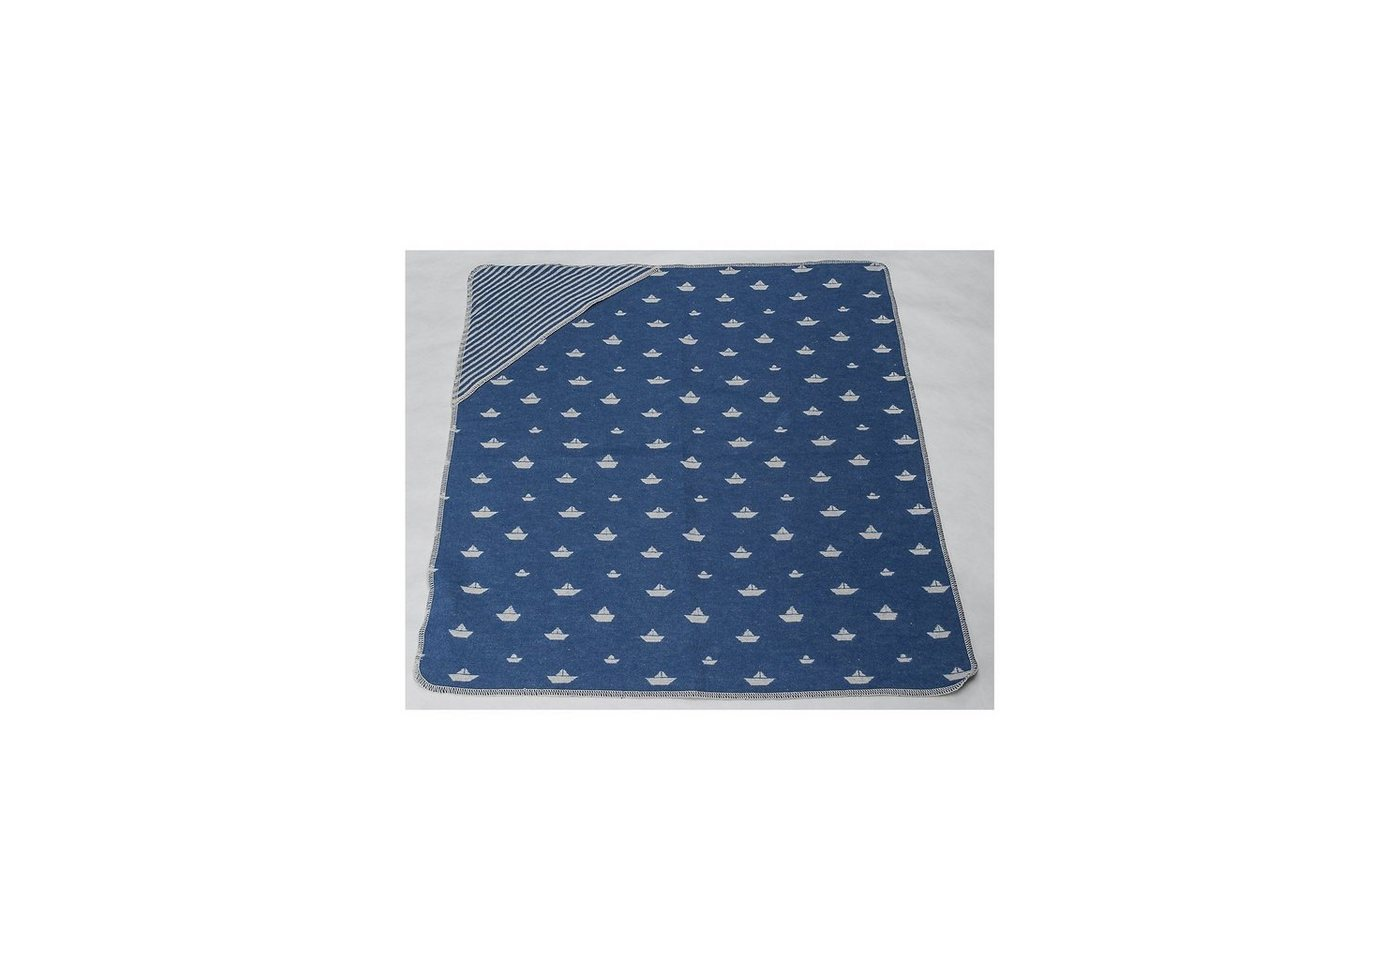 DAVID FUSSENEGGER Kinderdecke mit Kapuze ´´Boote allover´´, samtblau, 80 x 80 cm | Kinderzimmer > Textilien für Kinder > Kinderbettwäsche | Blau | DAVID FUSSENEGGER